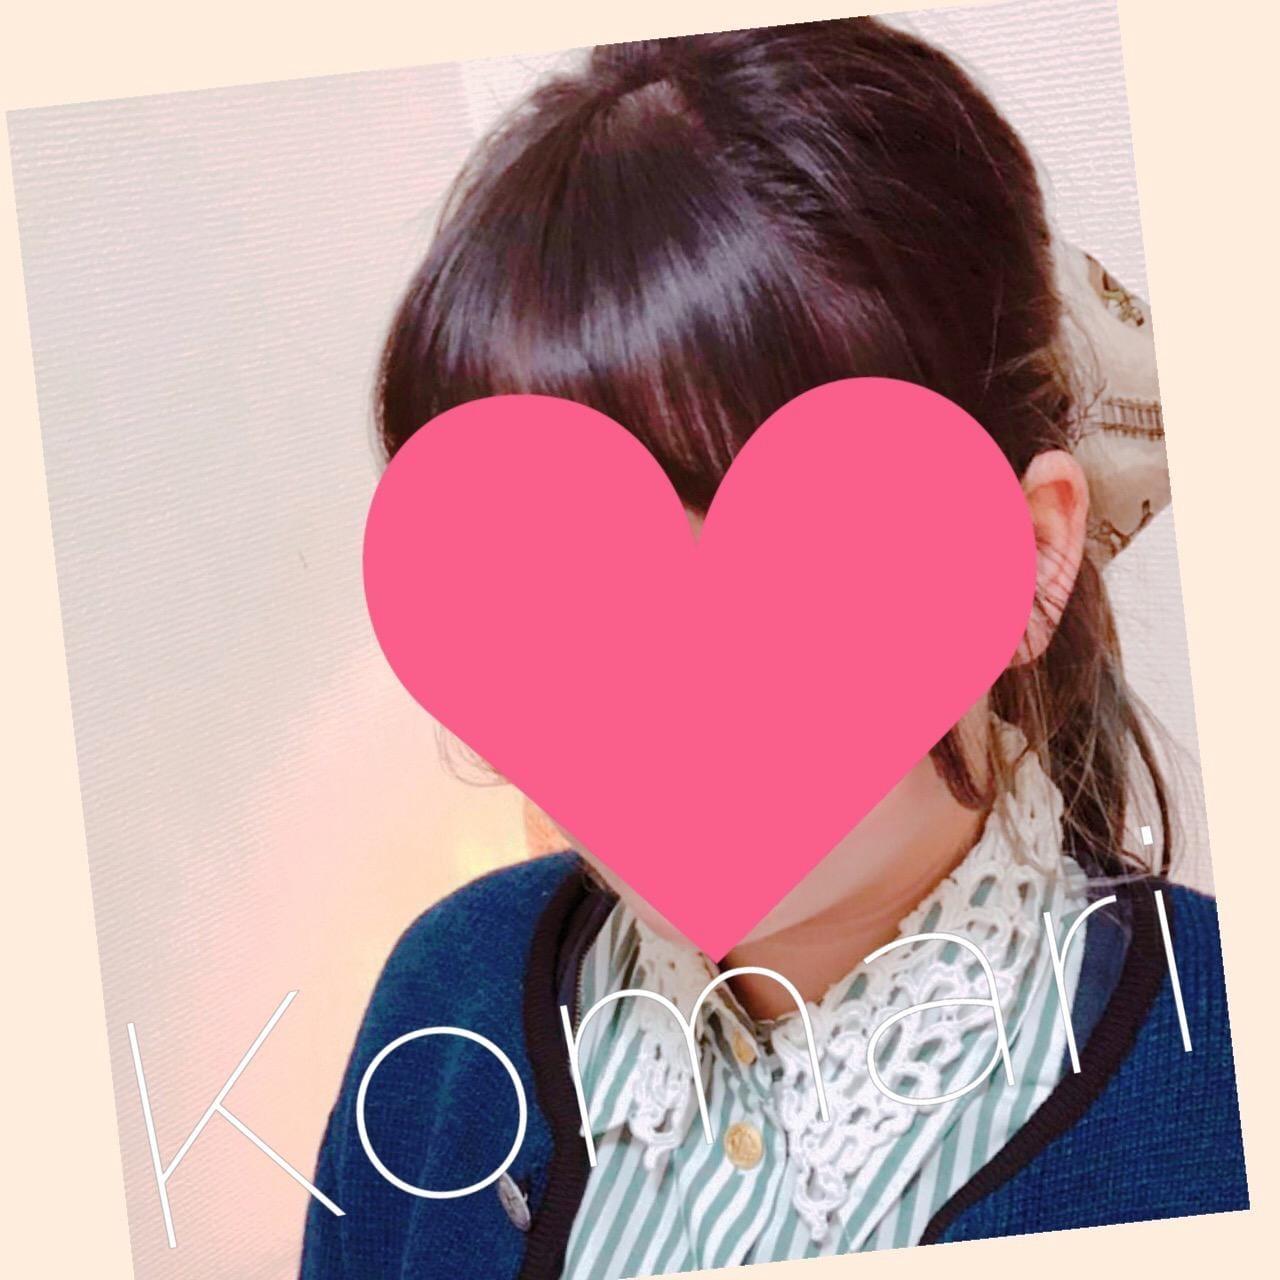 「こまりちゃん♪」08/03(月) 16:33 | こまりの写メ・風俗動画